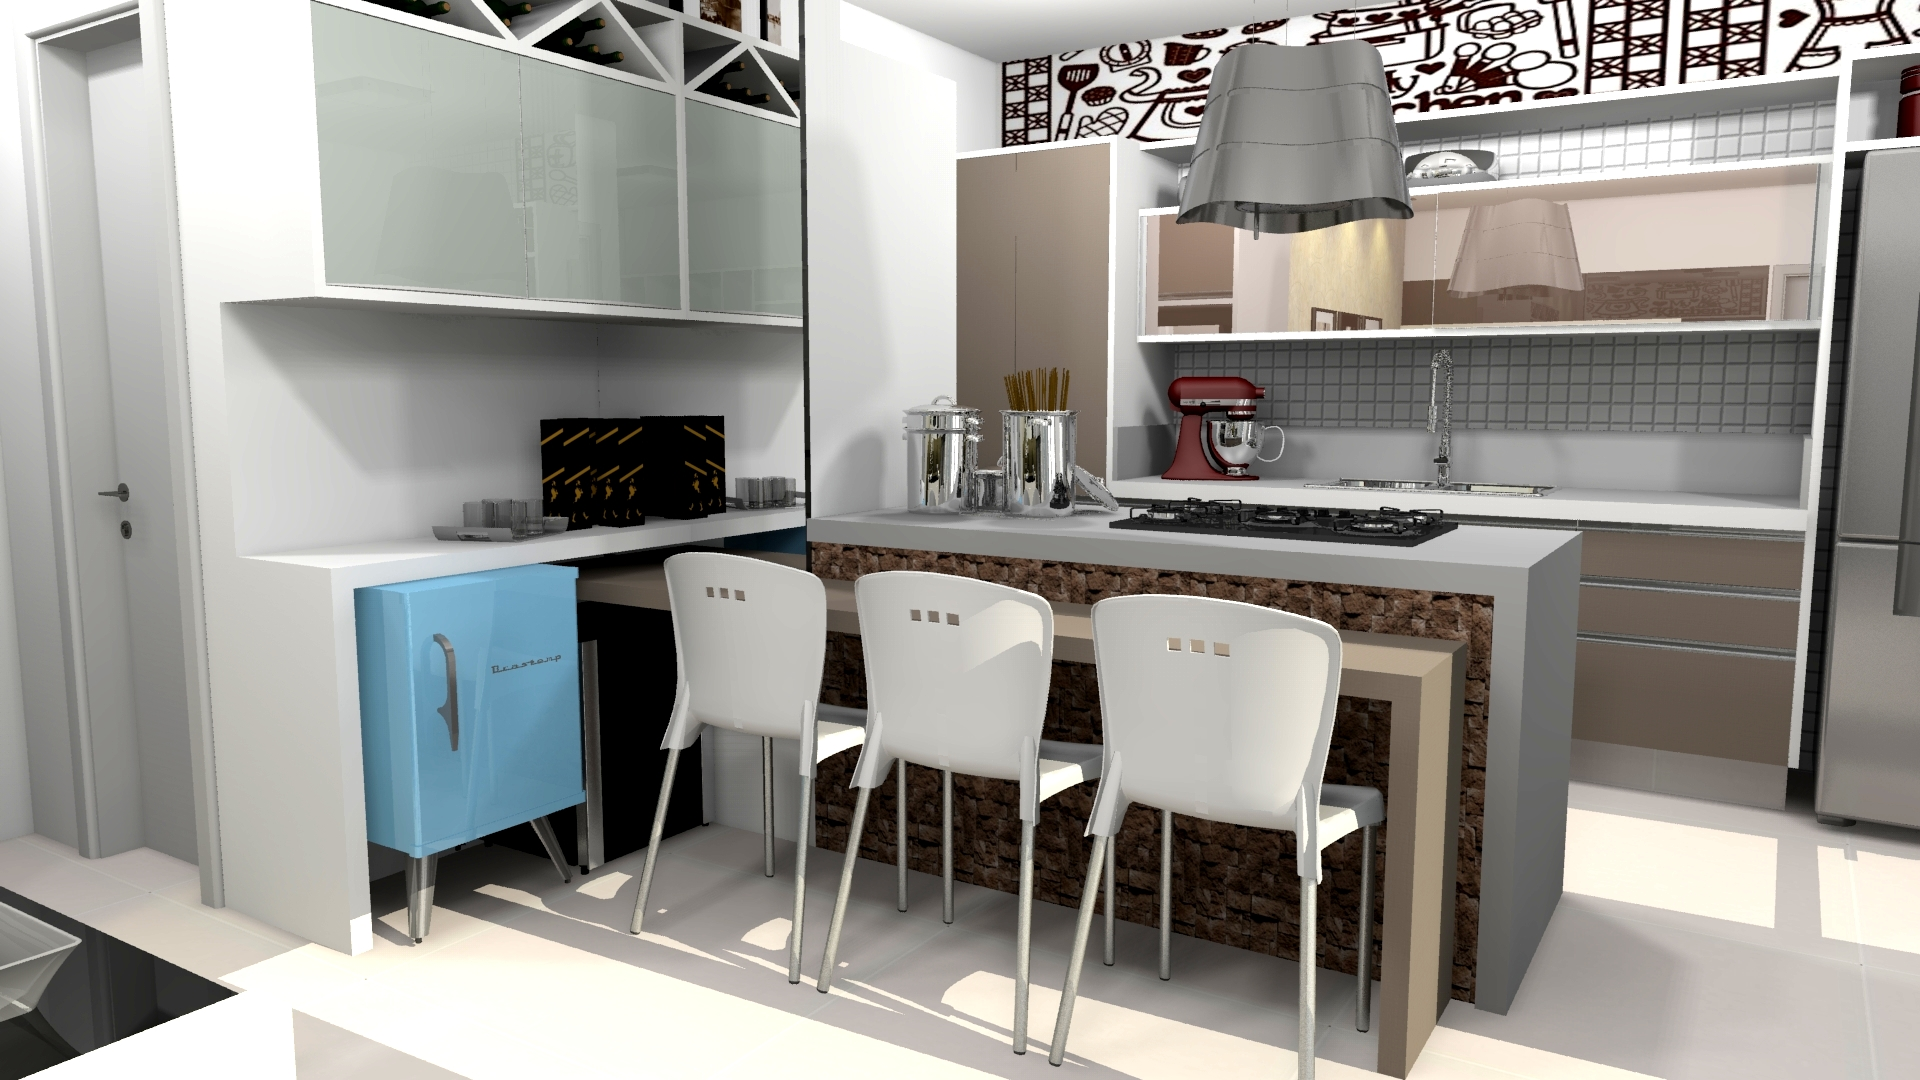 Projeto de Arquitetura de interiores e Design de Apartamento de 100m2  #397492 1920 1080